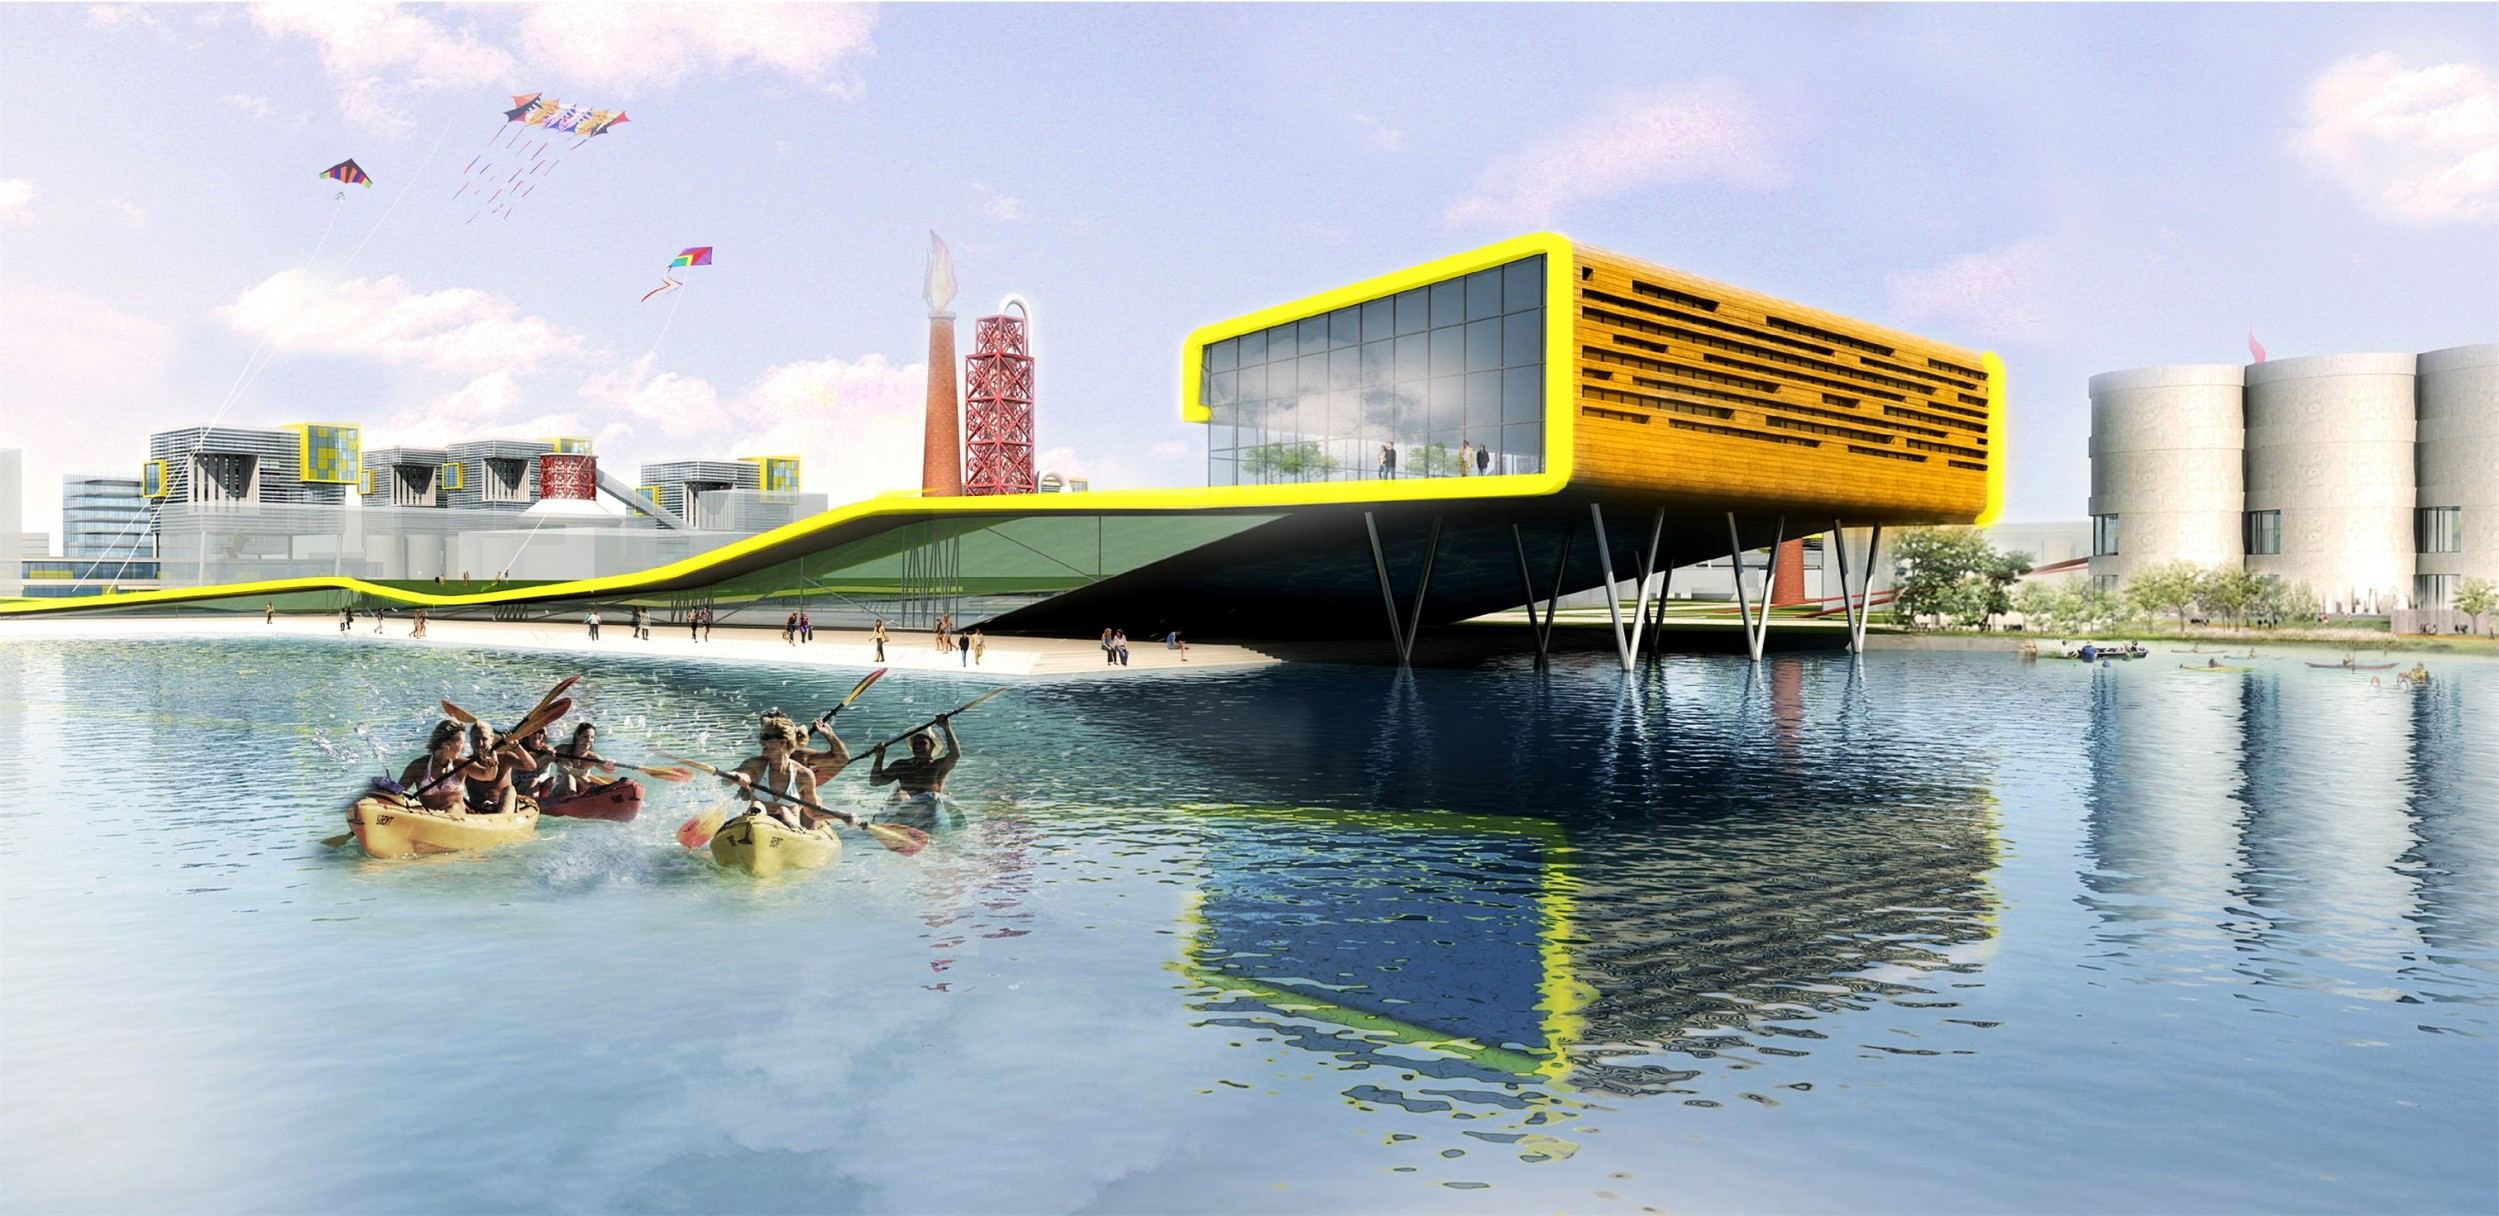 2015年杭州梦想小镇概念规划设计国际竞标中标方案—NITA-89.jpg